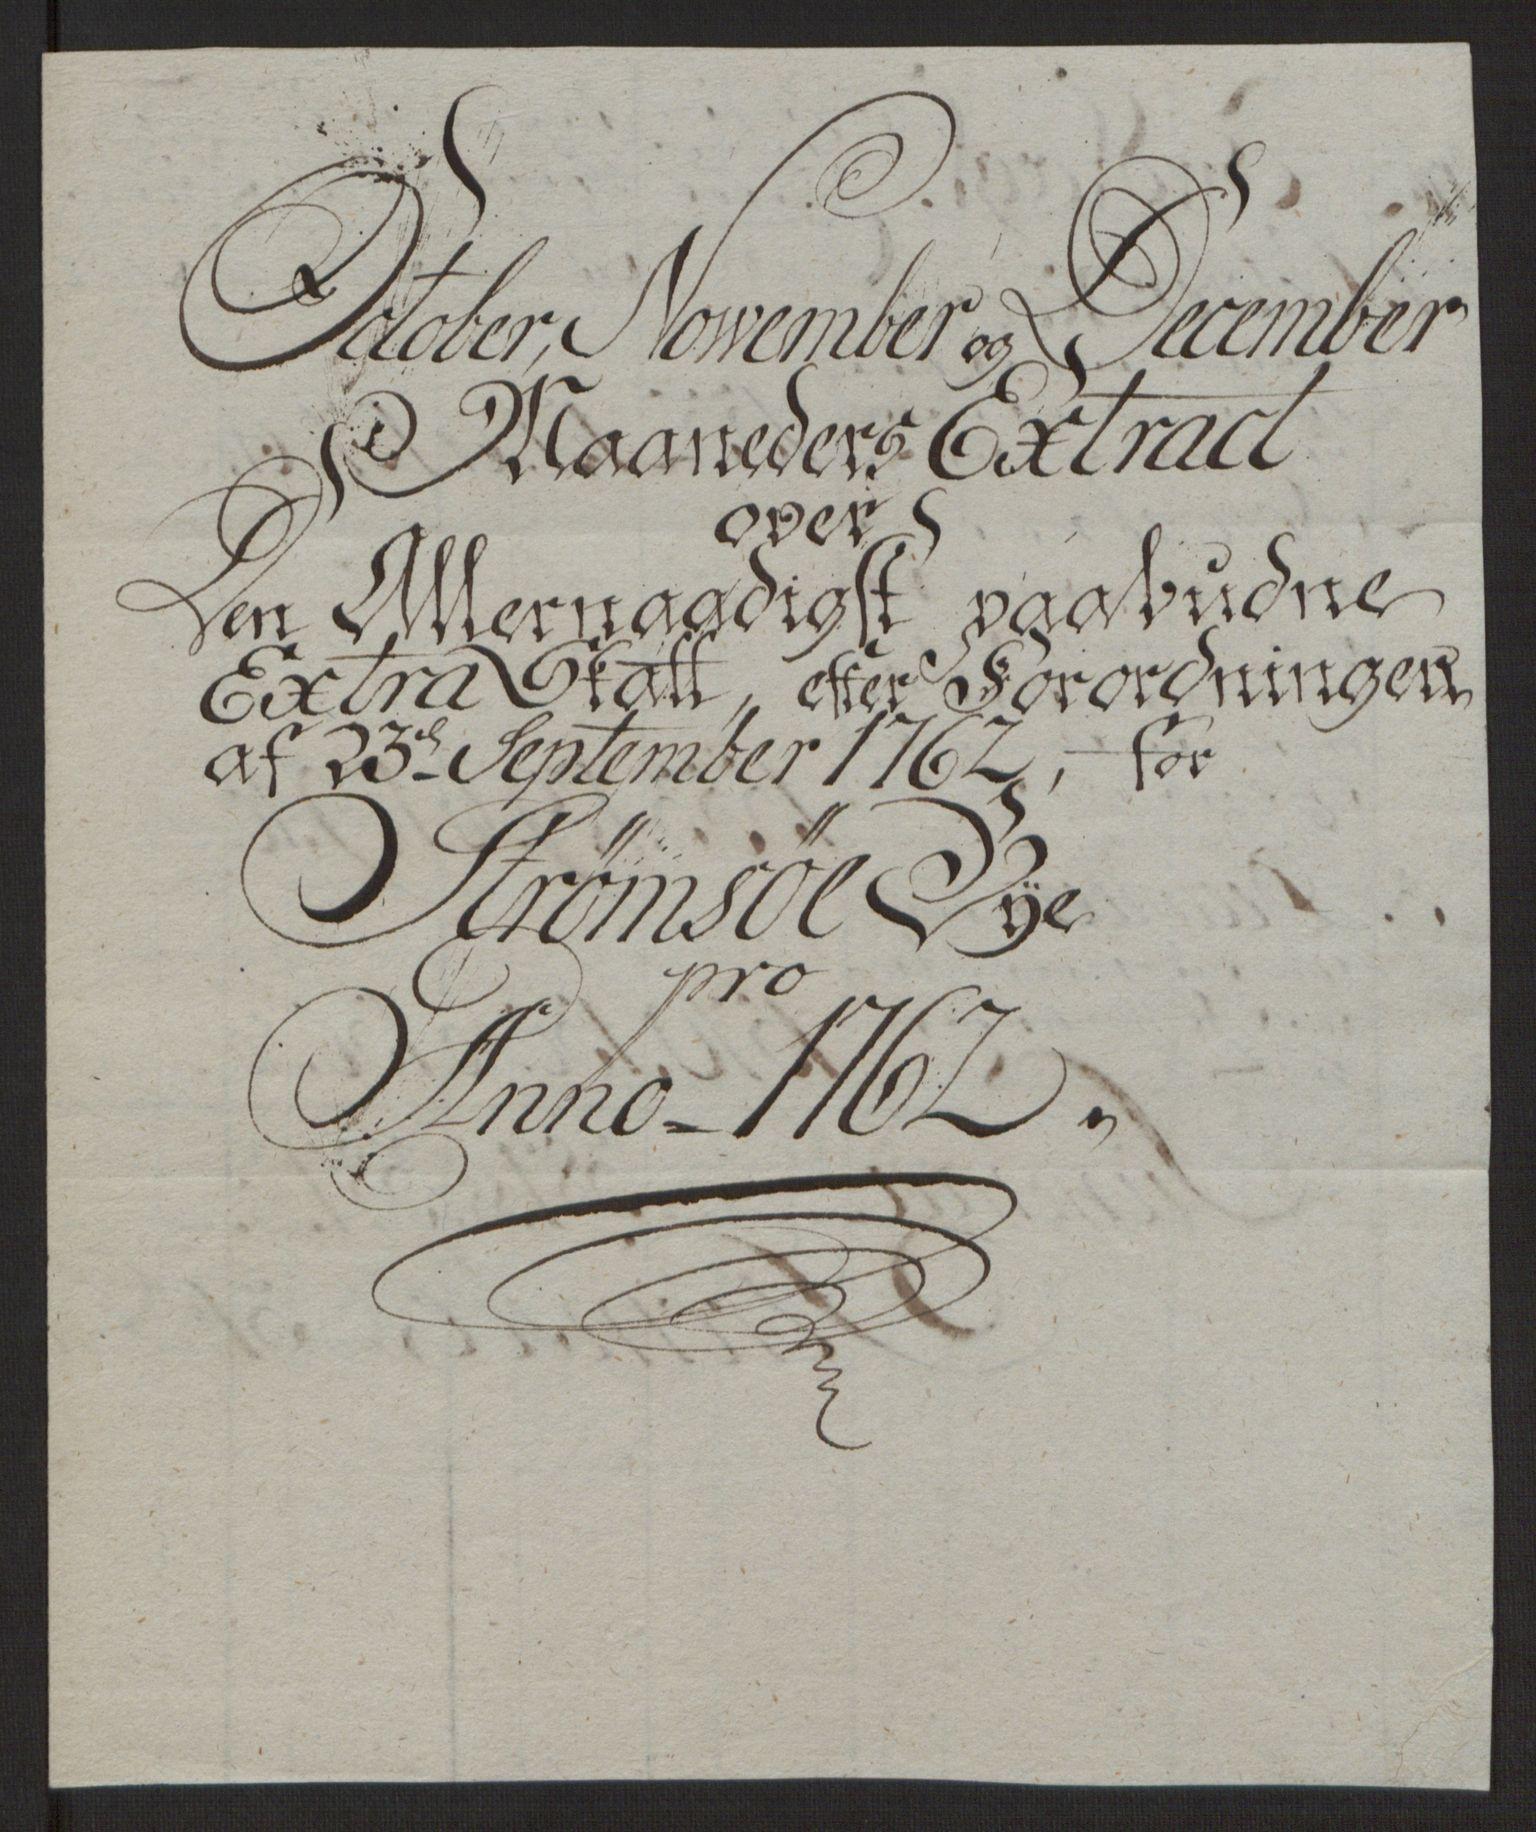 RA, Rentekammeret inntil 1814, Reviderte regnskaper, Byregnskaper, R/Rg/L0144: [G4] Kontribusjonsregnskap, 1762-1767, s. 65